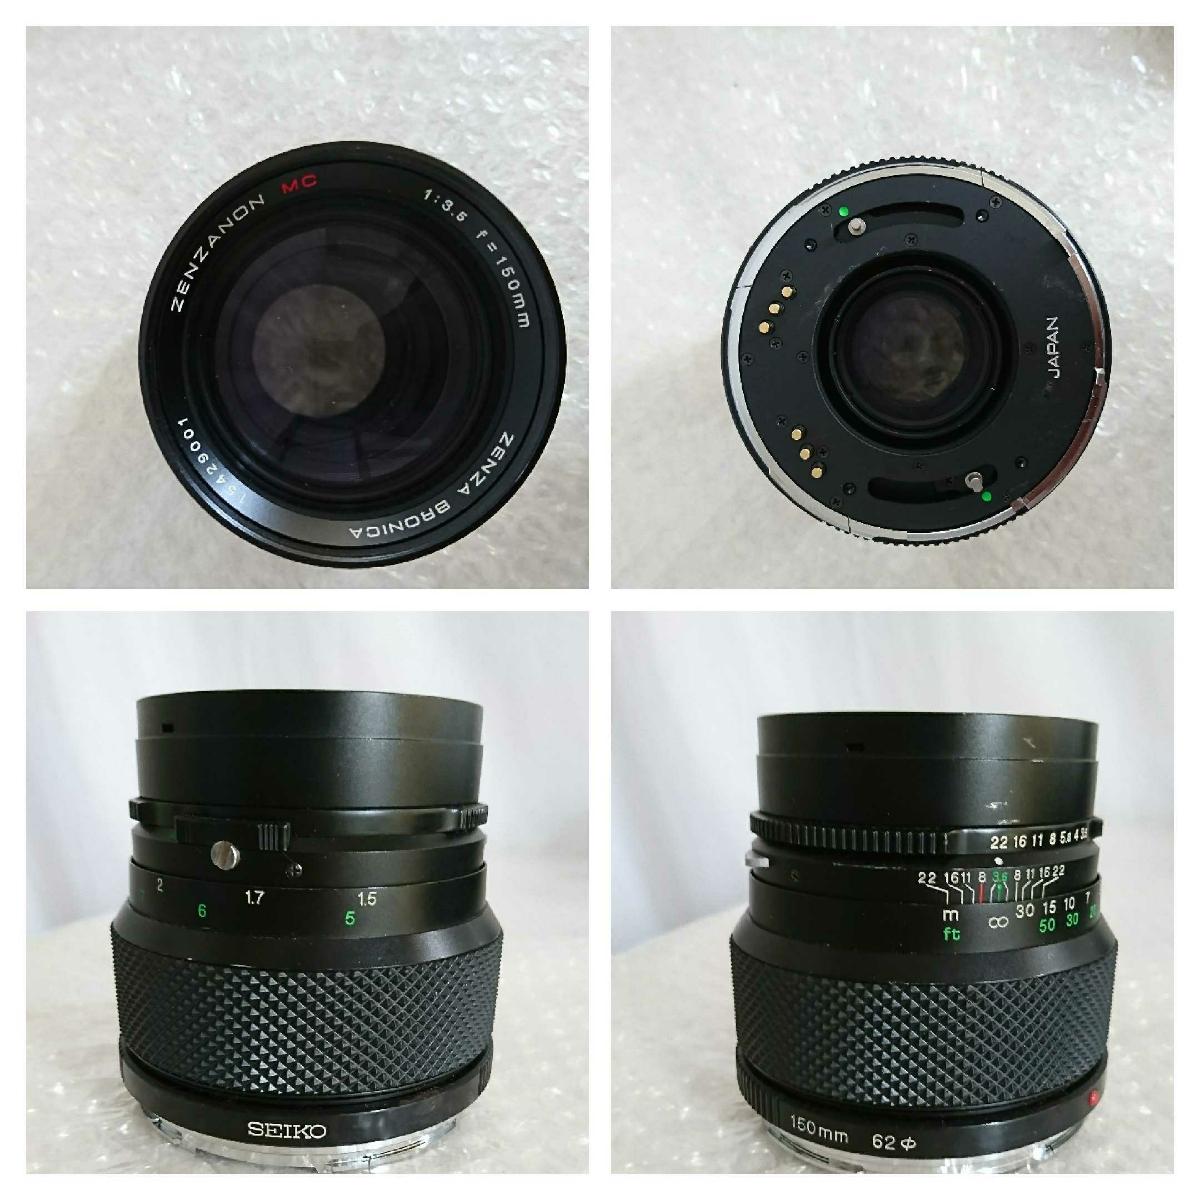 ZENZA BRONICA ゼンザブロニカ ETRSi + レンズ ZENZANON MC 50mm 1:2.8 等 3本 + フィルムパック 2個 + フィルター セット まとめ まとめて_画像7